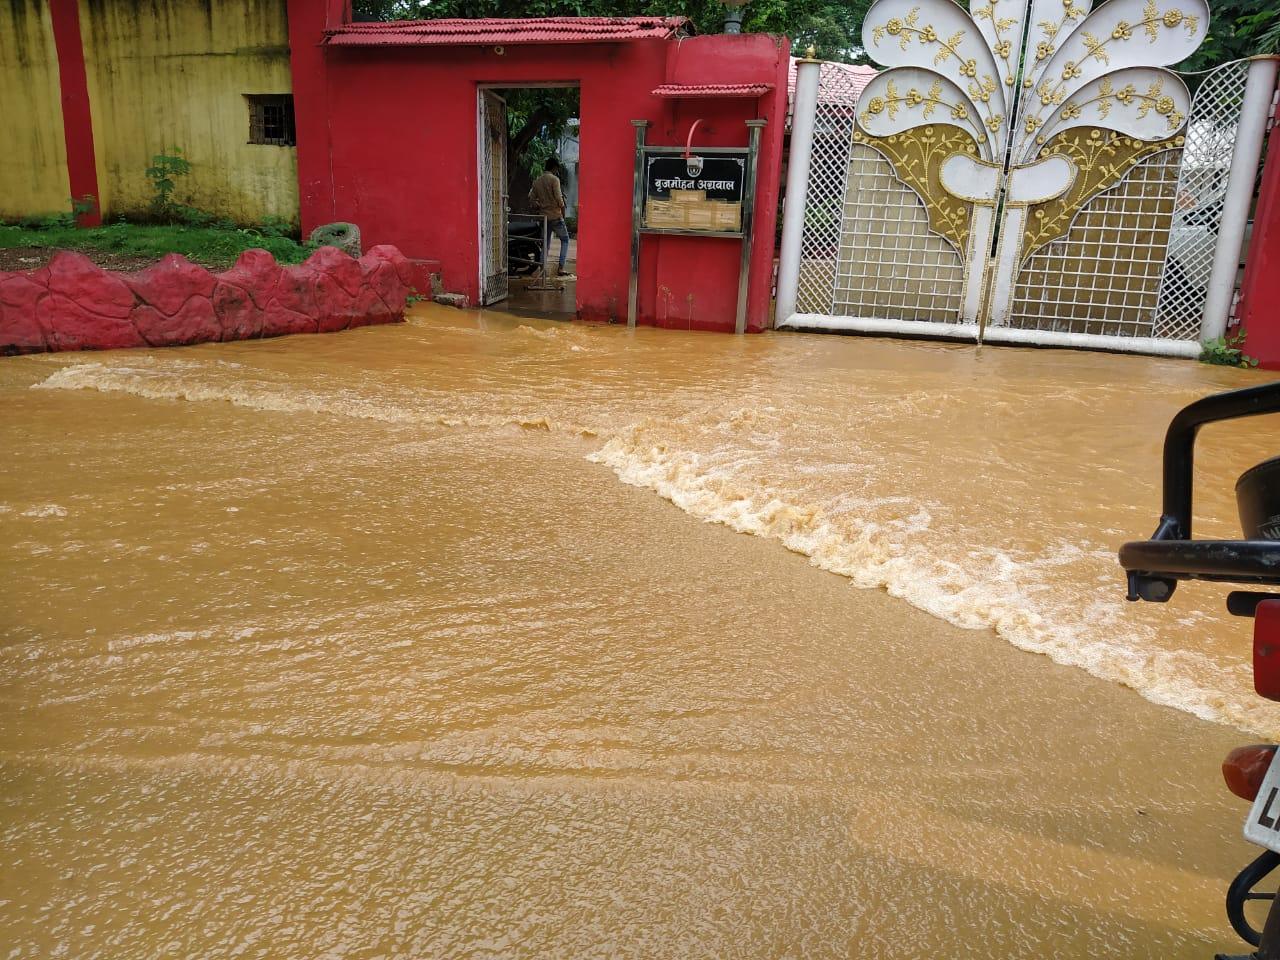 पूर्व मंत्री बृजमोहन अग्रवाल के घर में पानी।